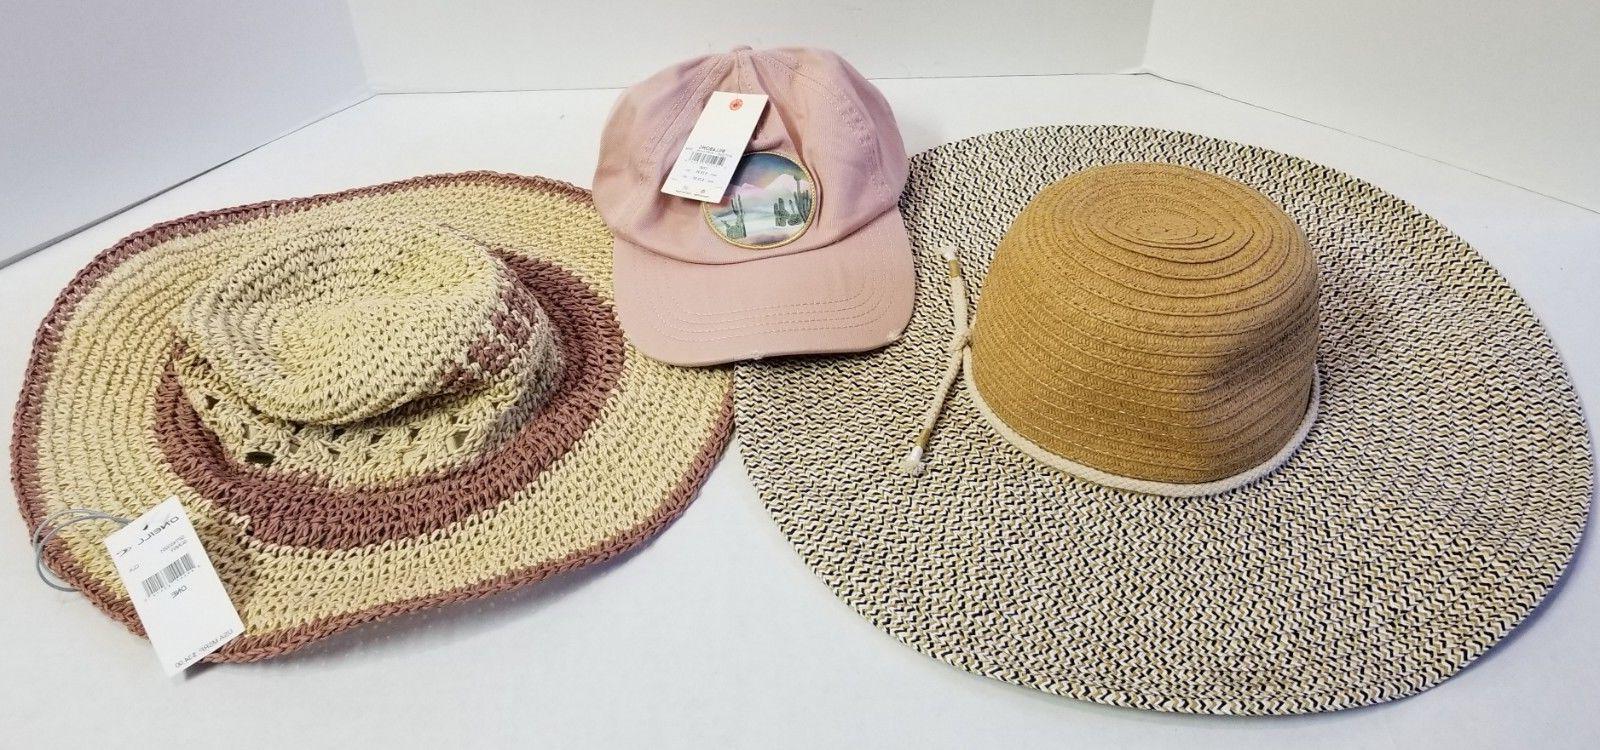 LOT WOMENS HATS BILLABONG O'NEILL ECHO BASEBALL CAP SUN HAT